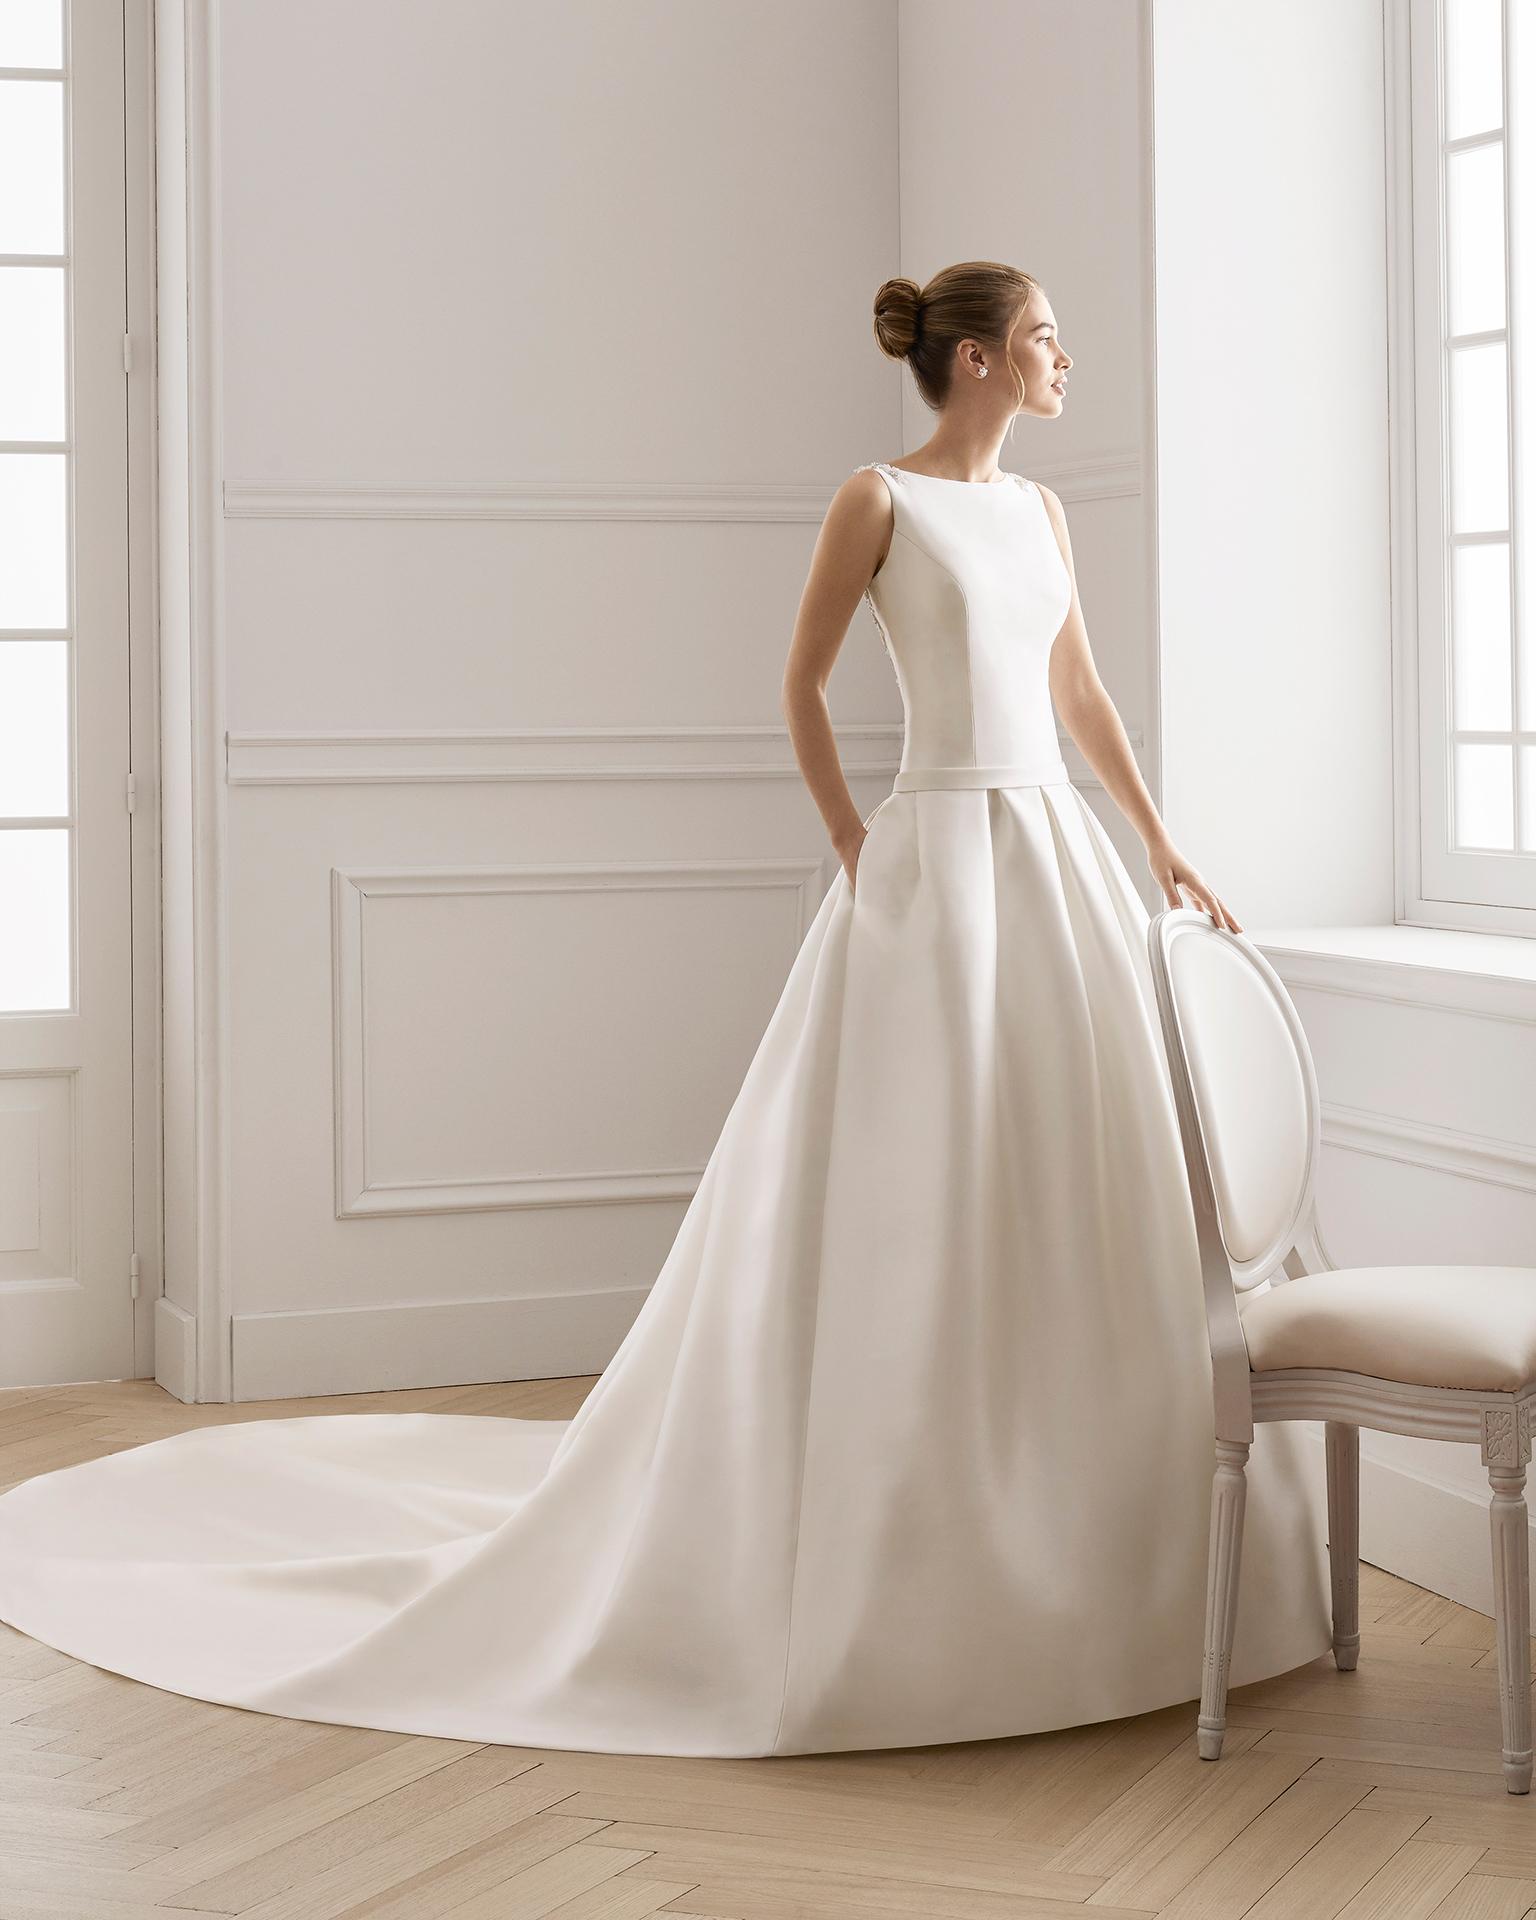 Vestido de noiva estilo clássico de tamis e renda de brilhantes. Decote à barco e costas decotadas com brilhantes. Disponível em cor natural. Coleção AIRE BARCELONA 2019.